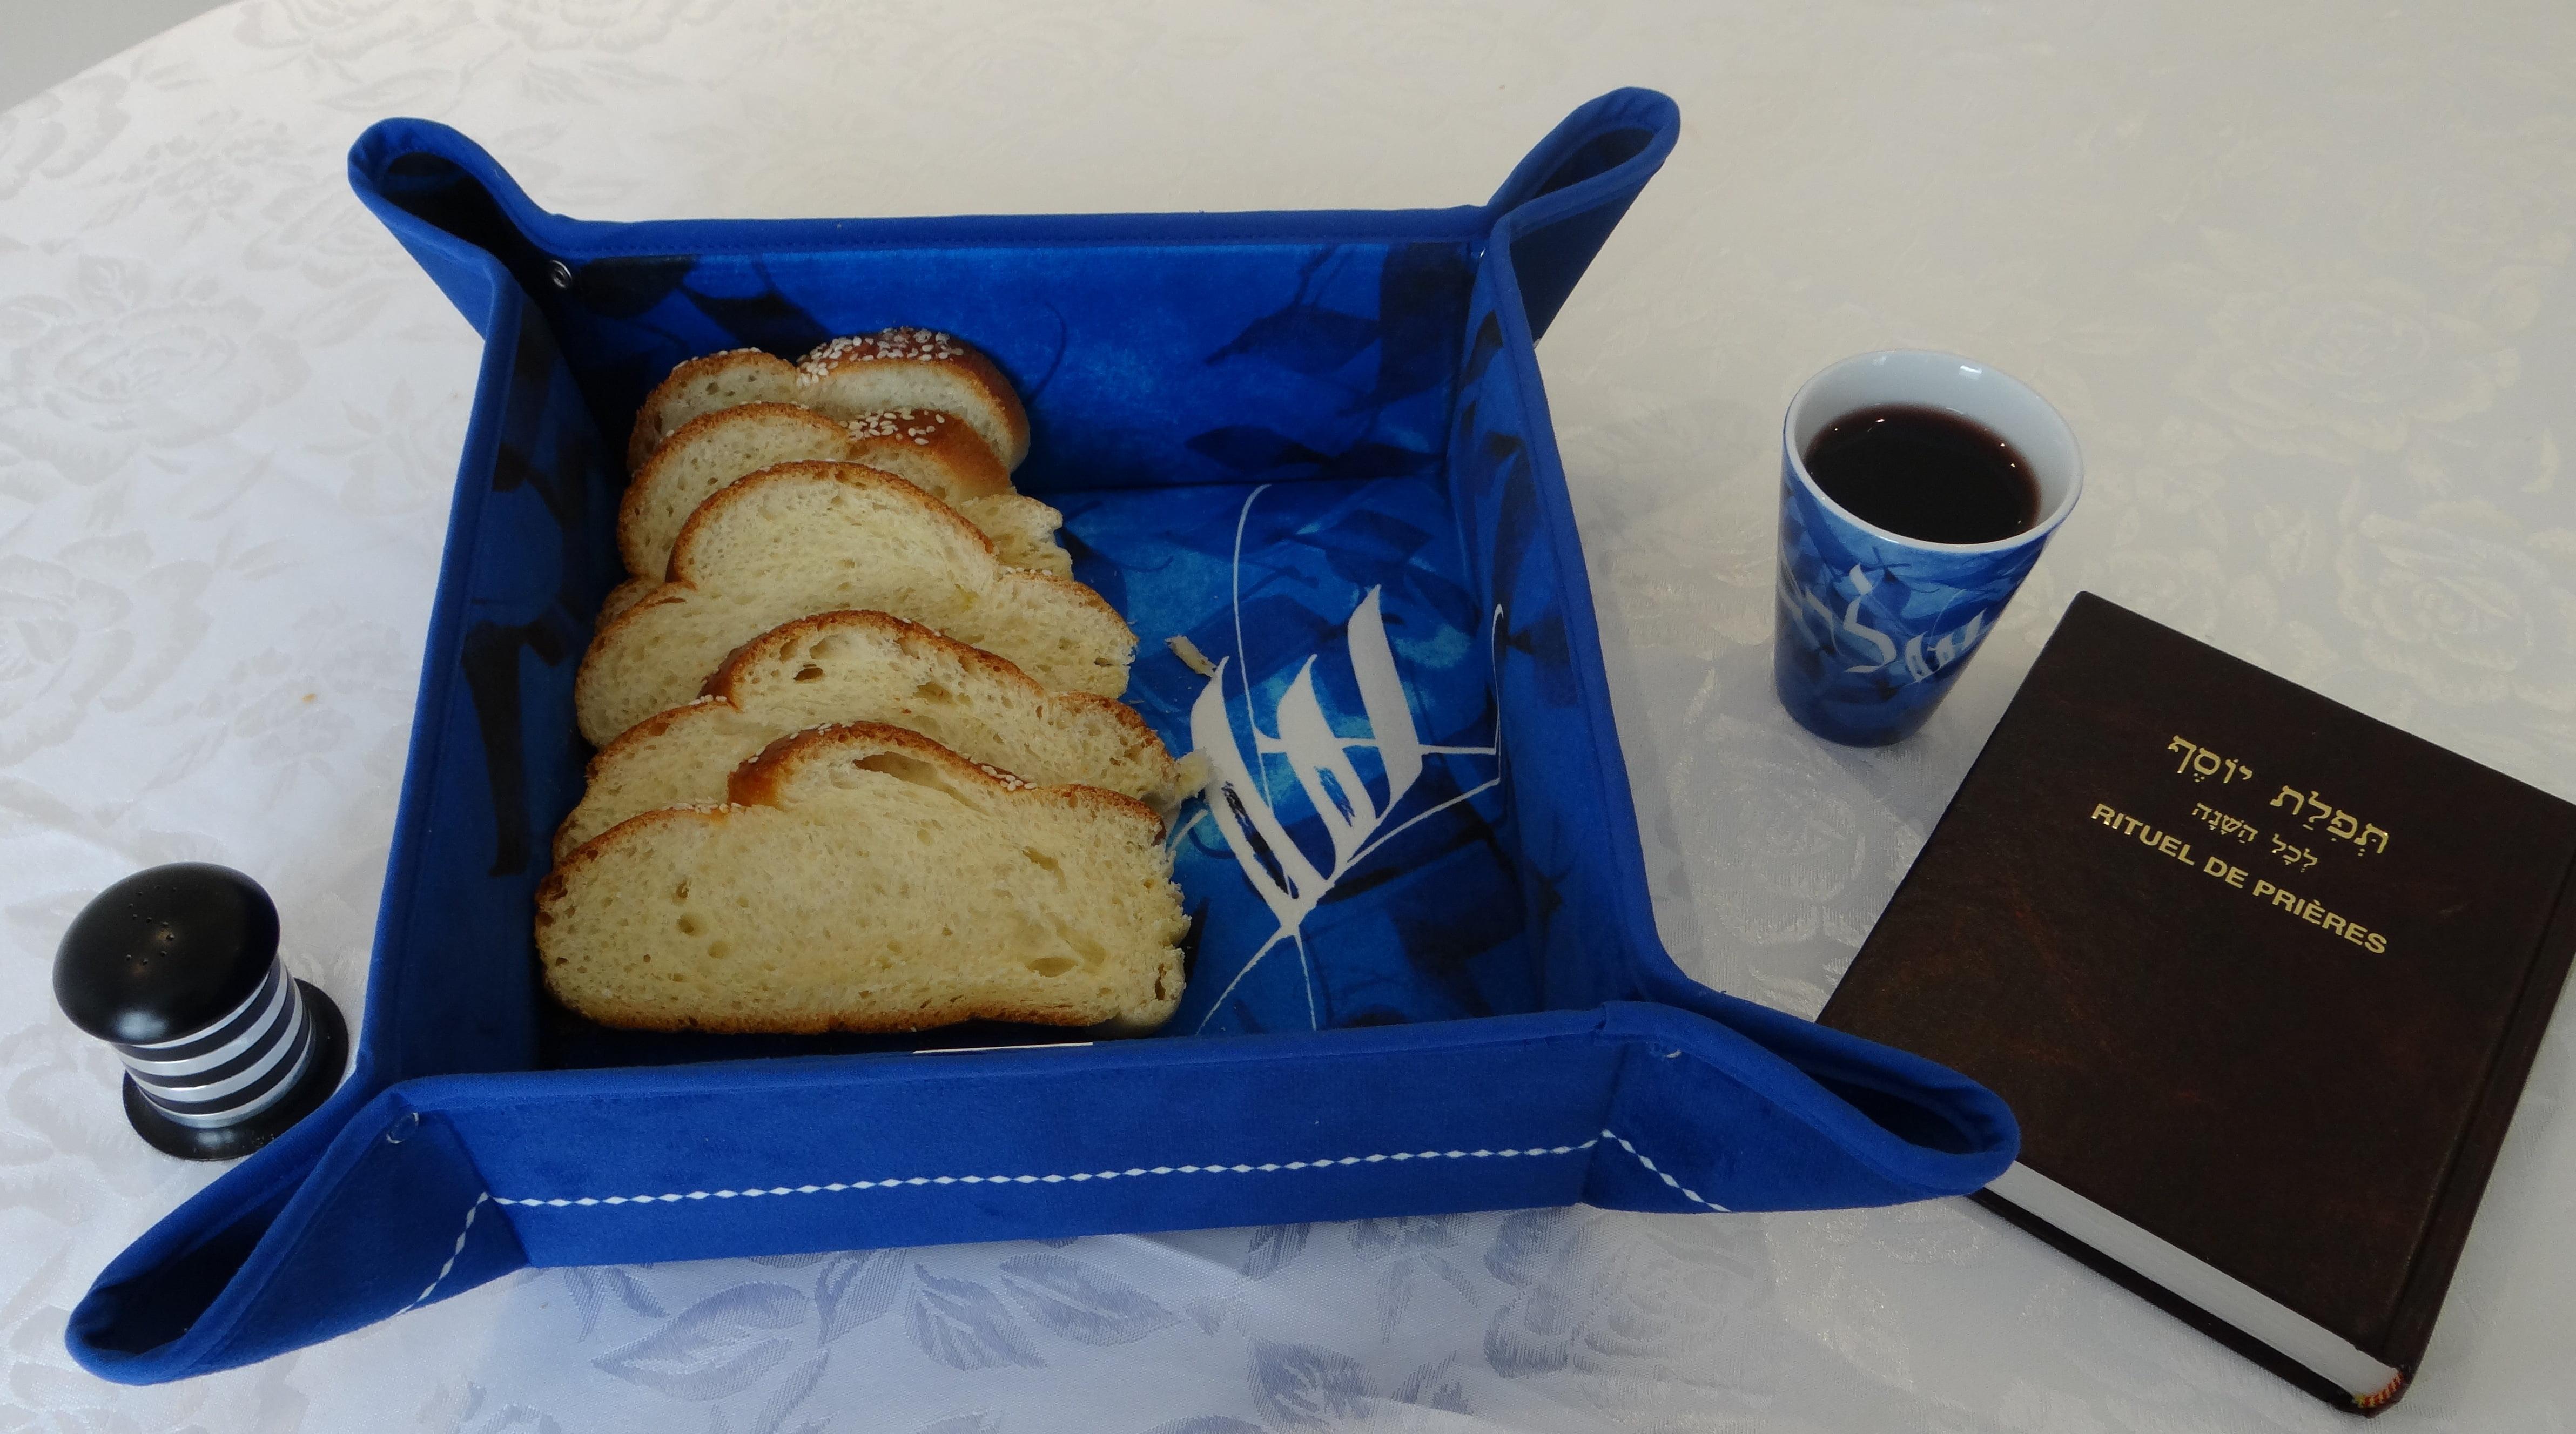 Corbeille à pain de la gamme Shalom. Art juif de la table.